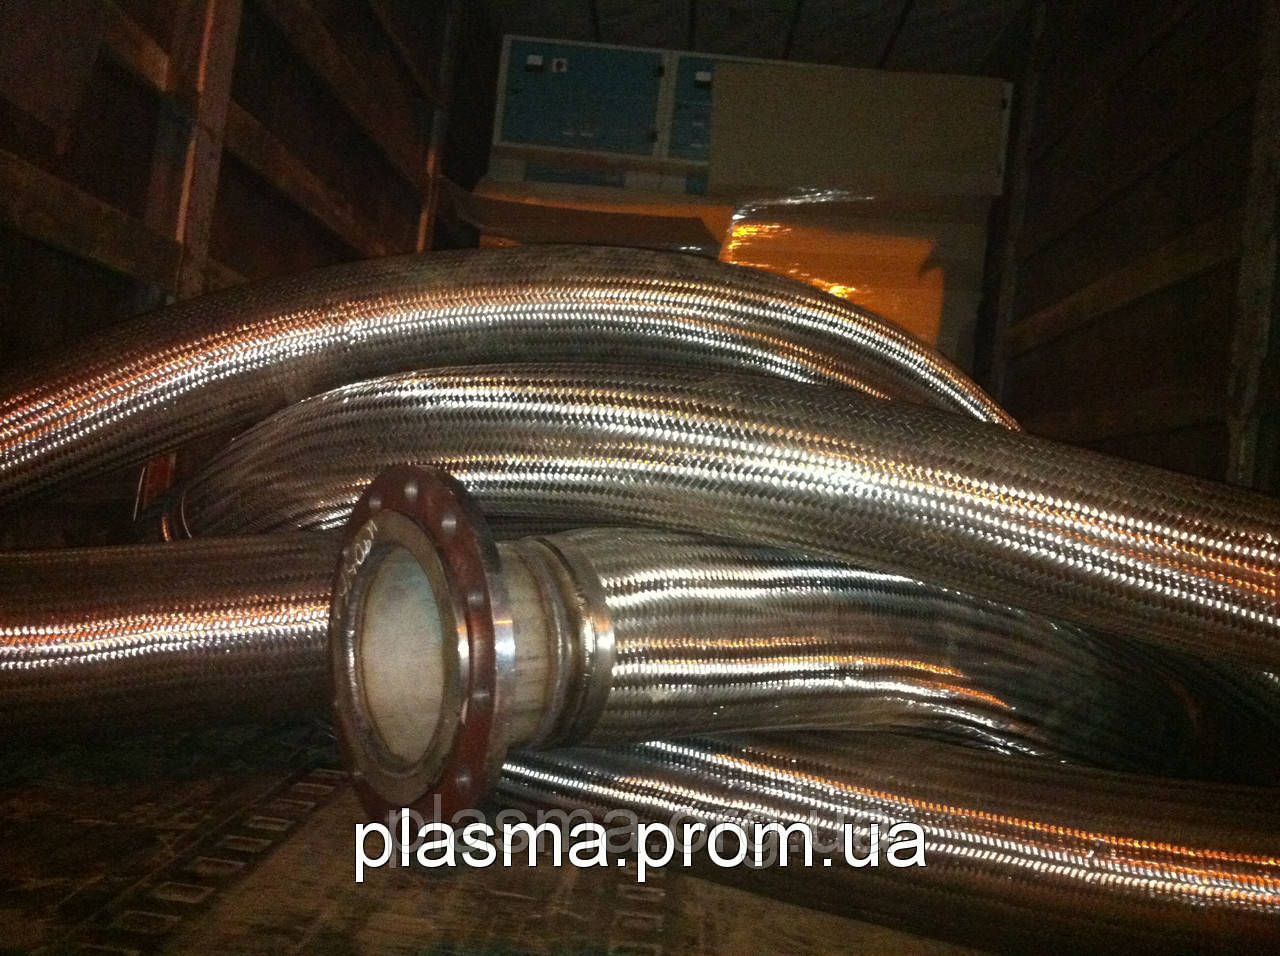 Металлорукав высокого давления из нержавеющей стали Ду 250